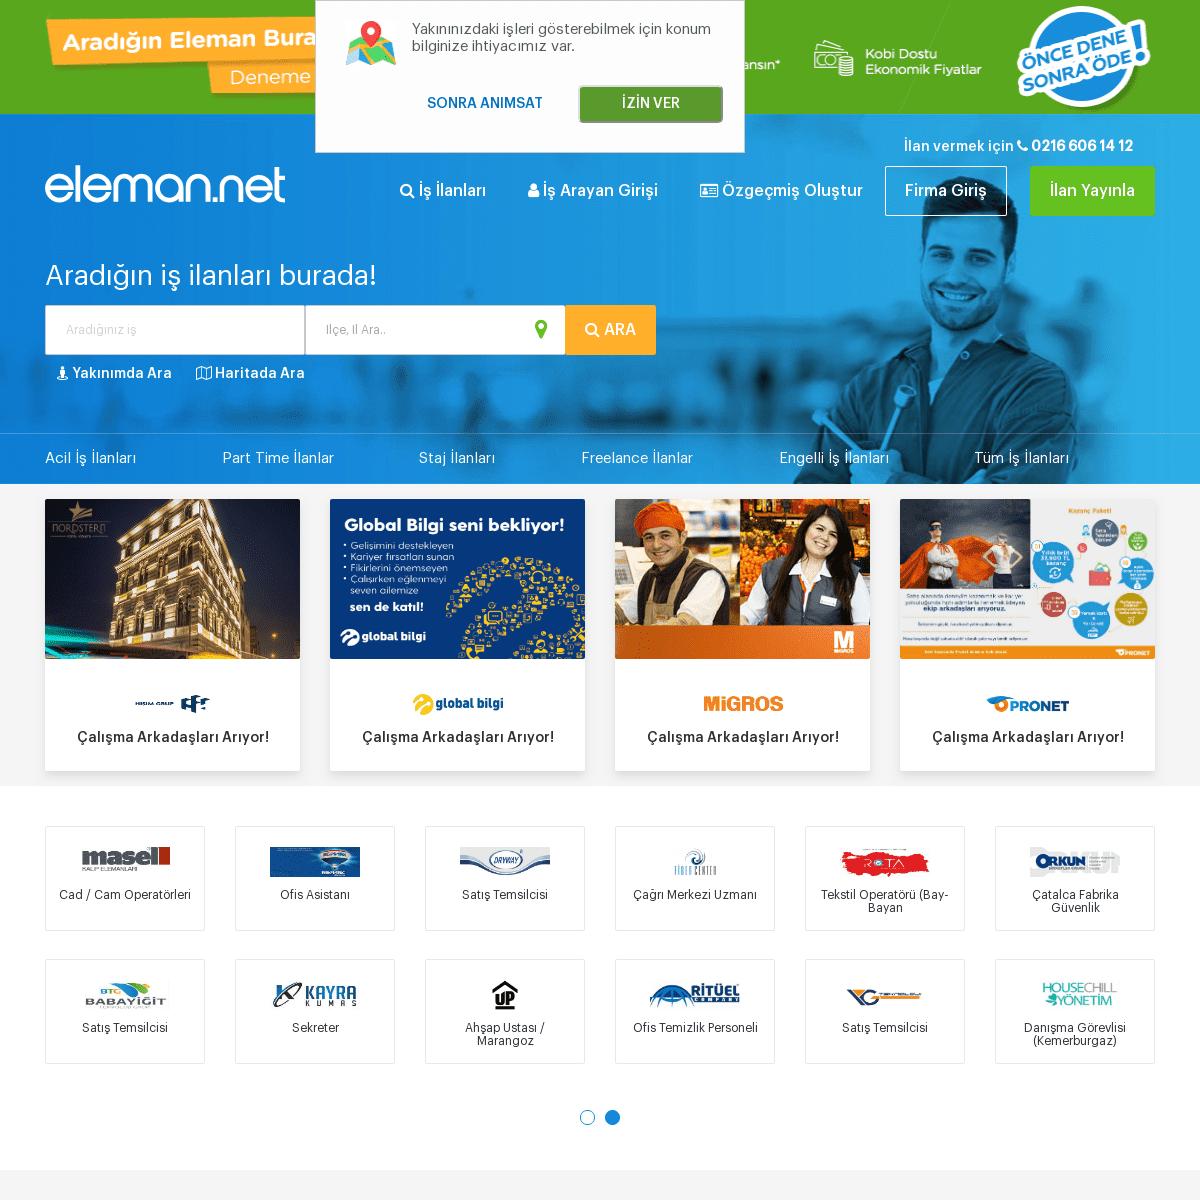 Eleman.net - İş İlanları ve Eleman İlanları Sitesi